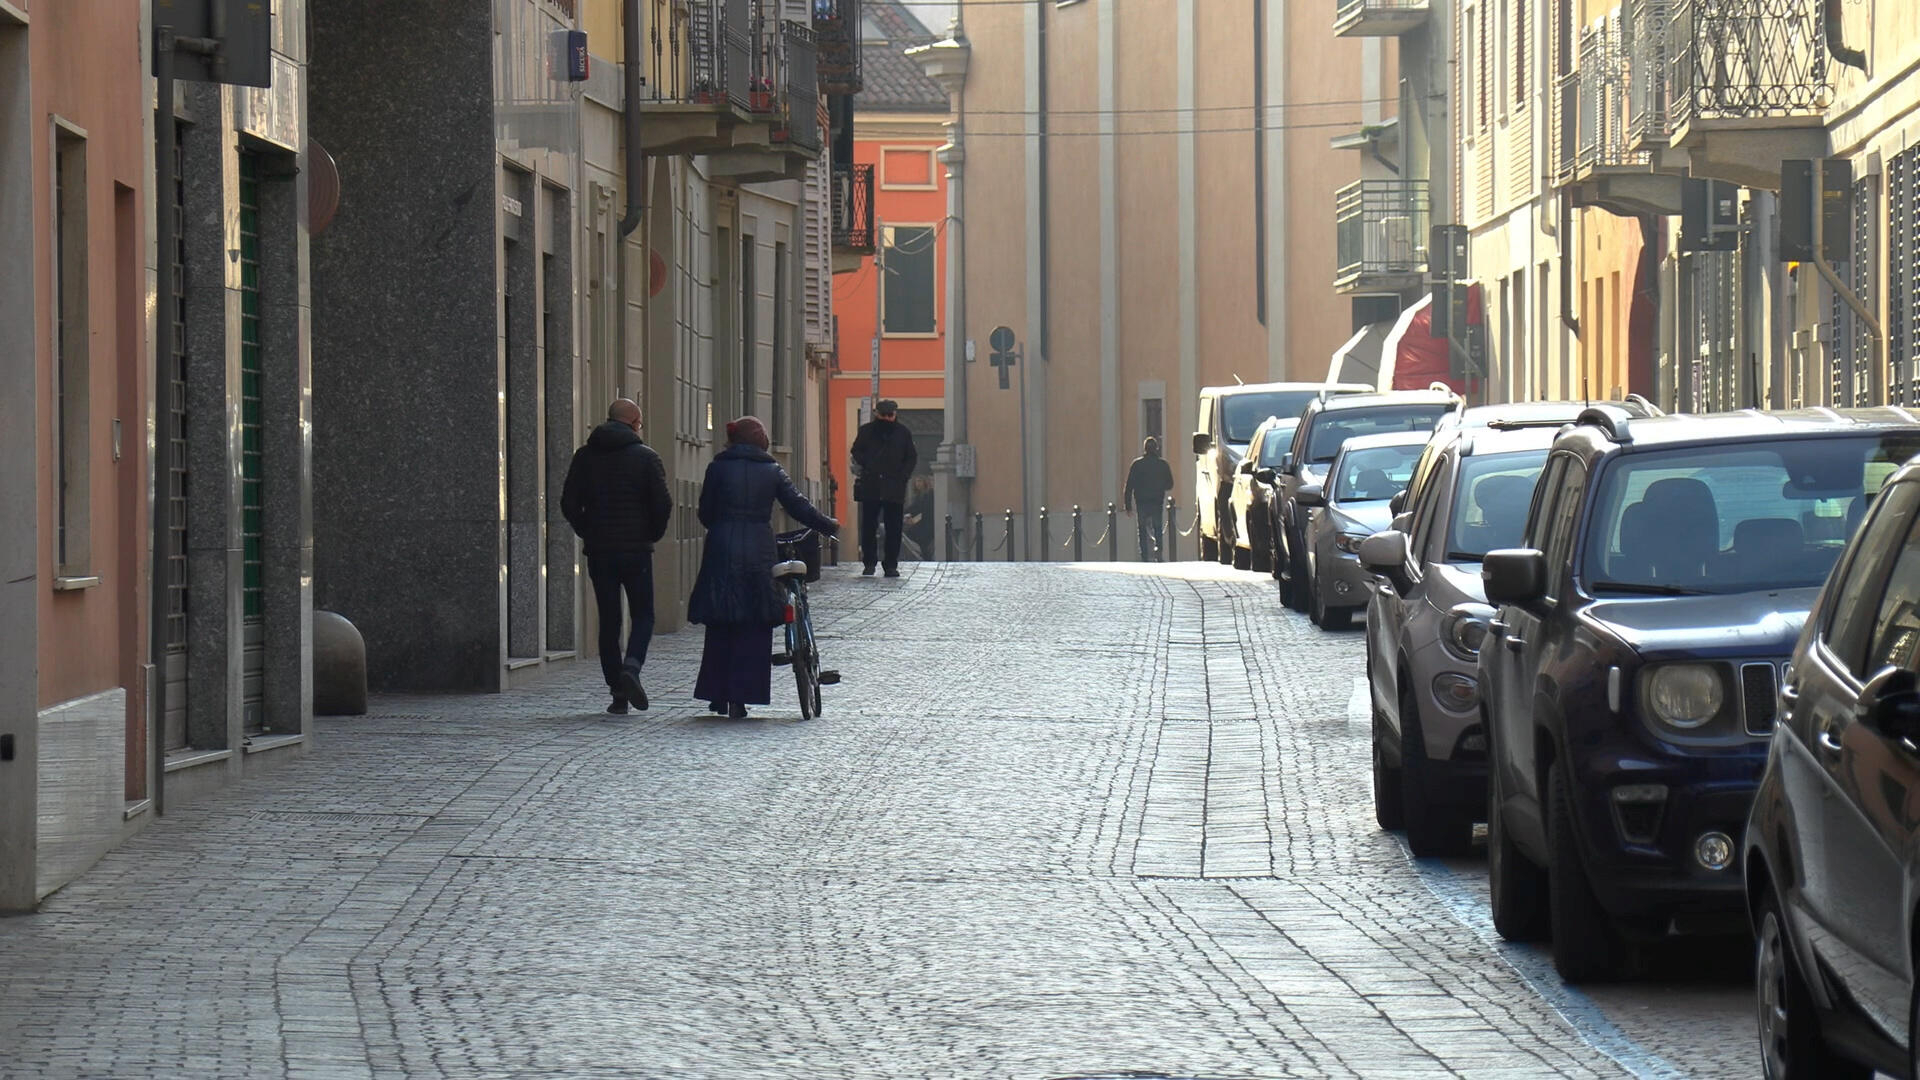 Le nord de l'Italie touché par une vague de contaminations au Covid-19